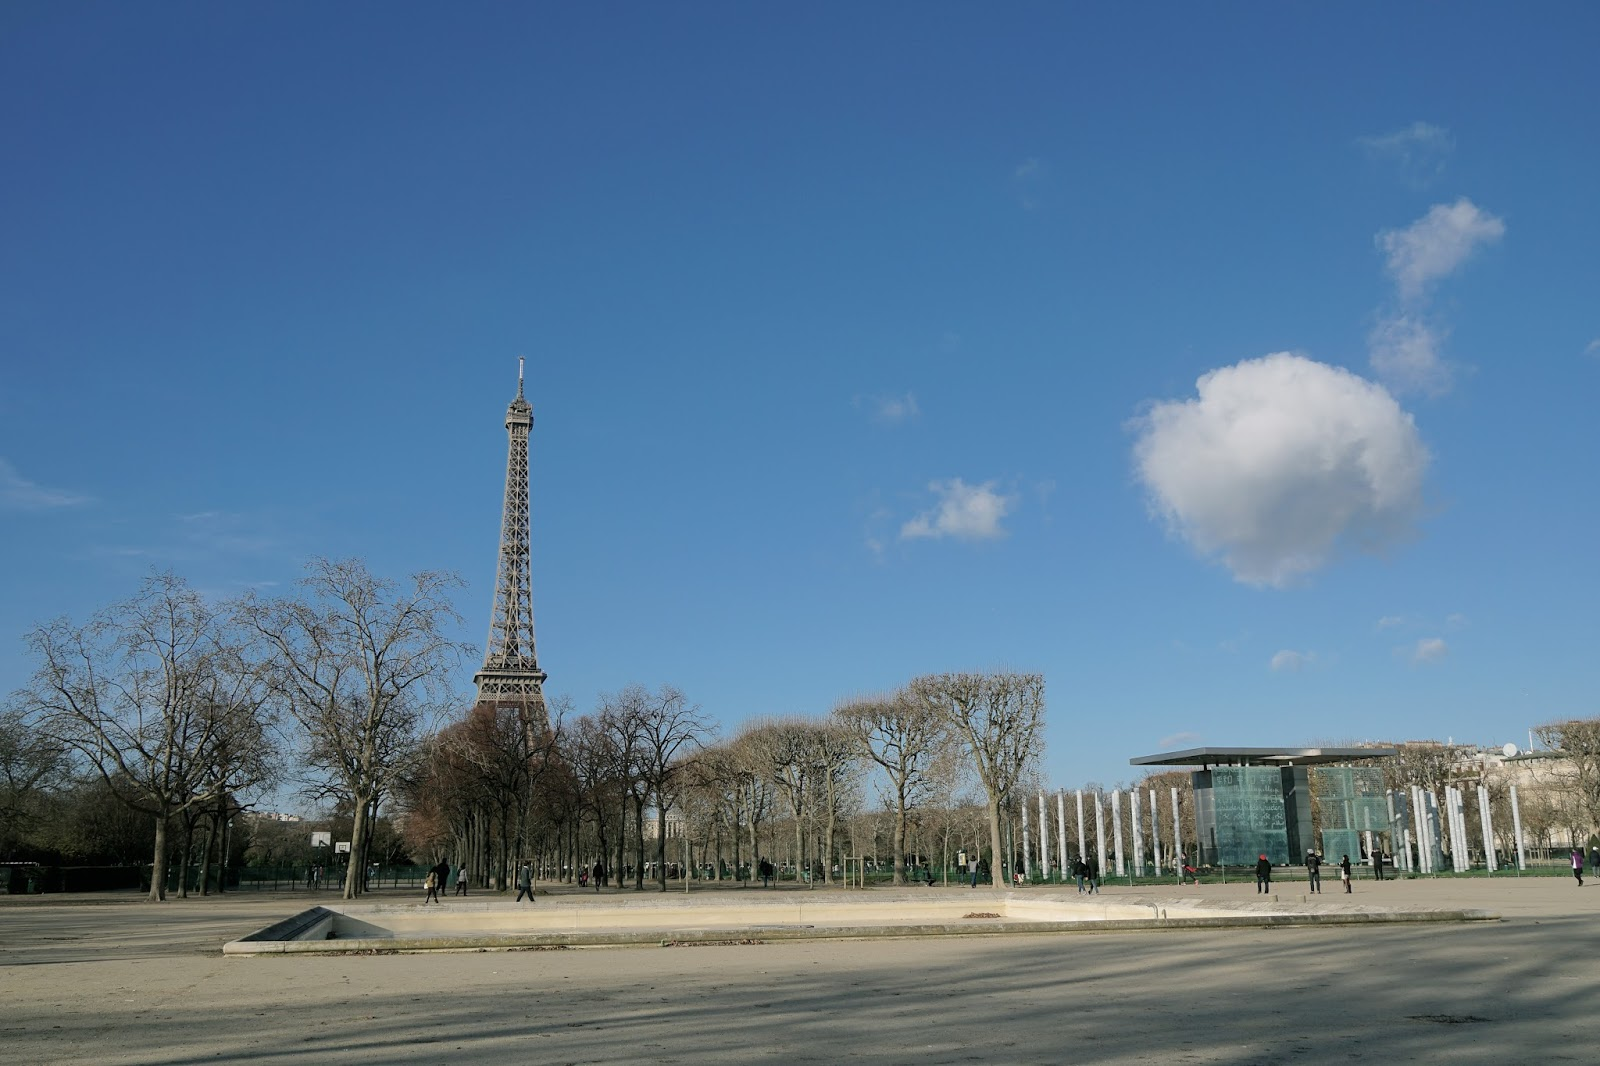 シャン・ド・マルス公園(Parc du Champ-de-Mars)